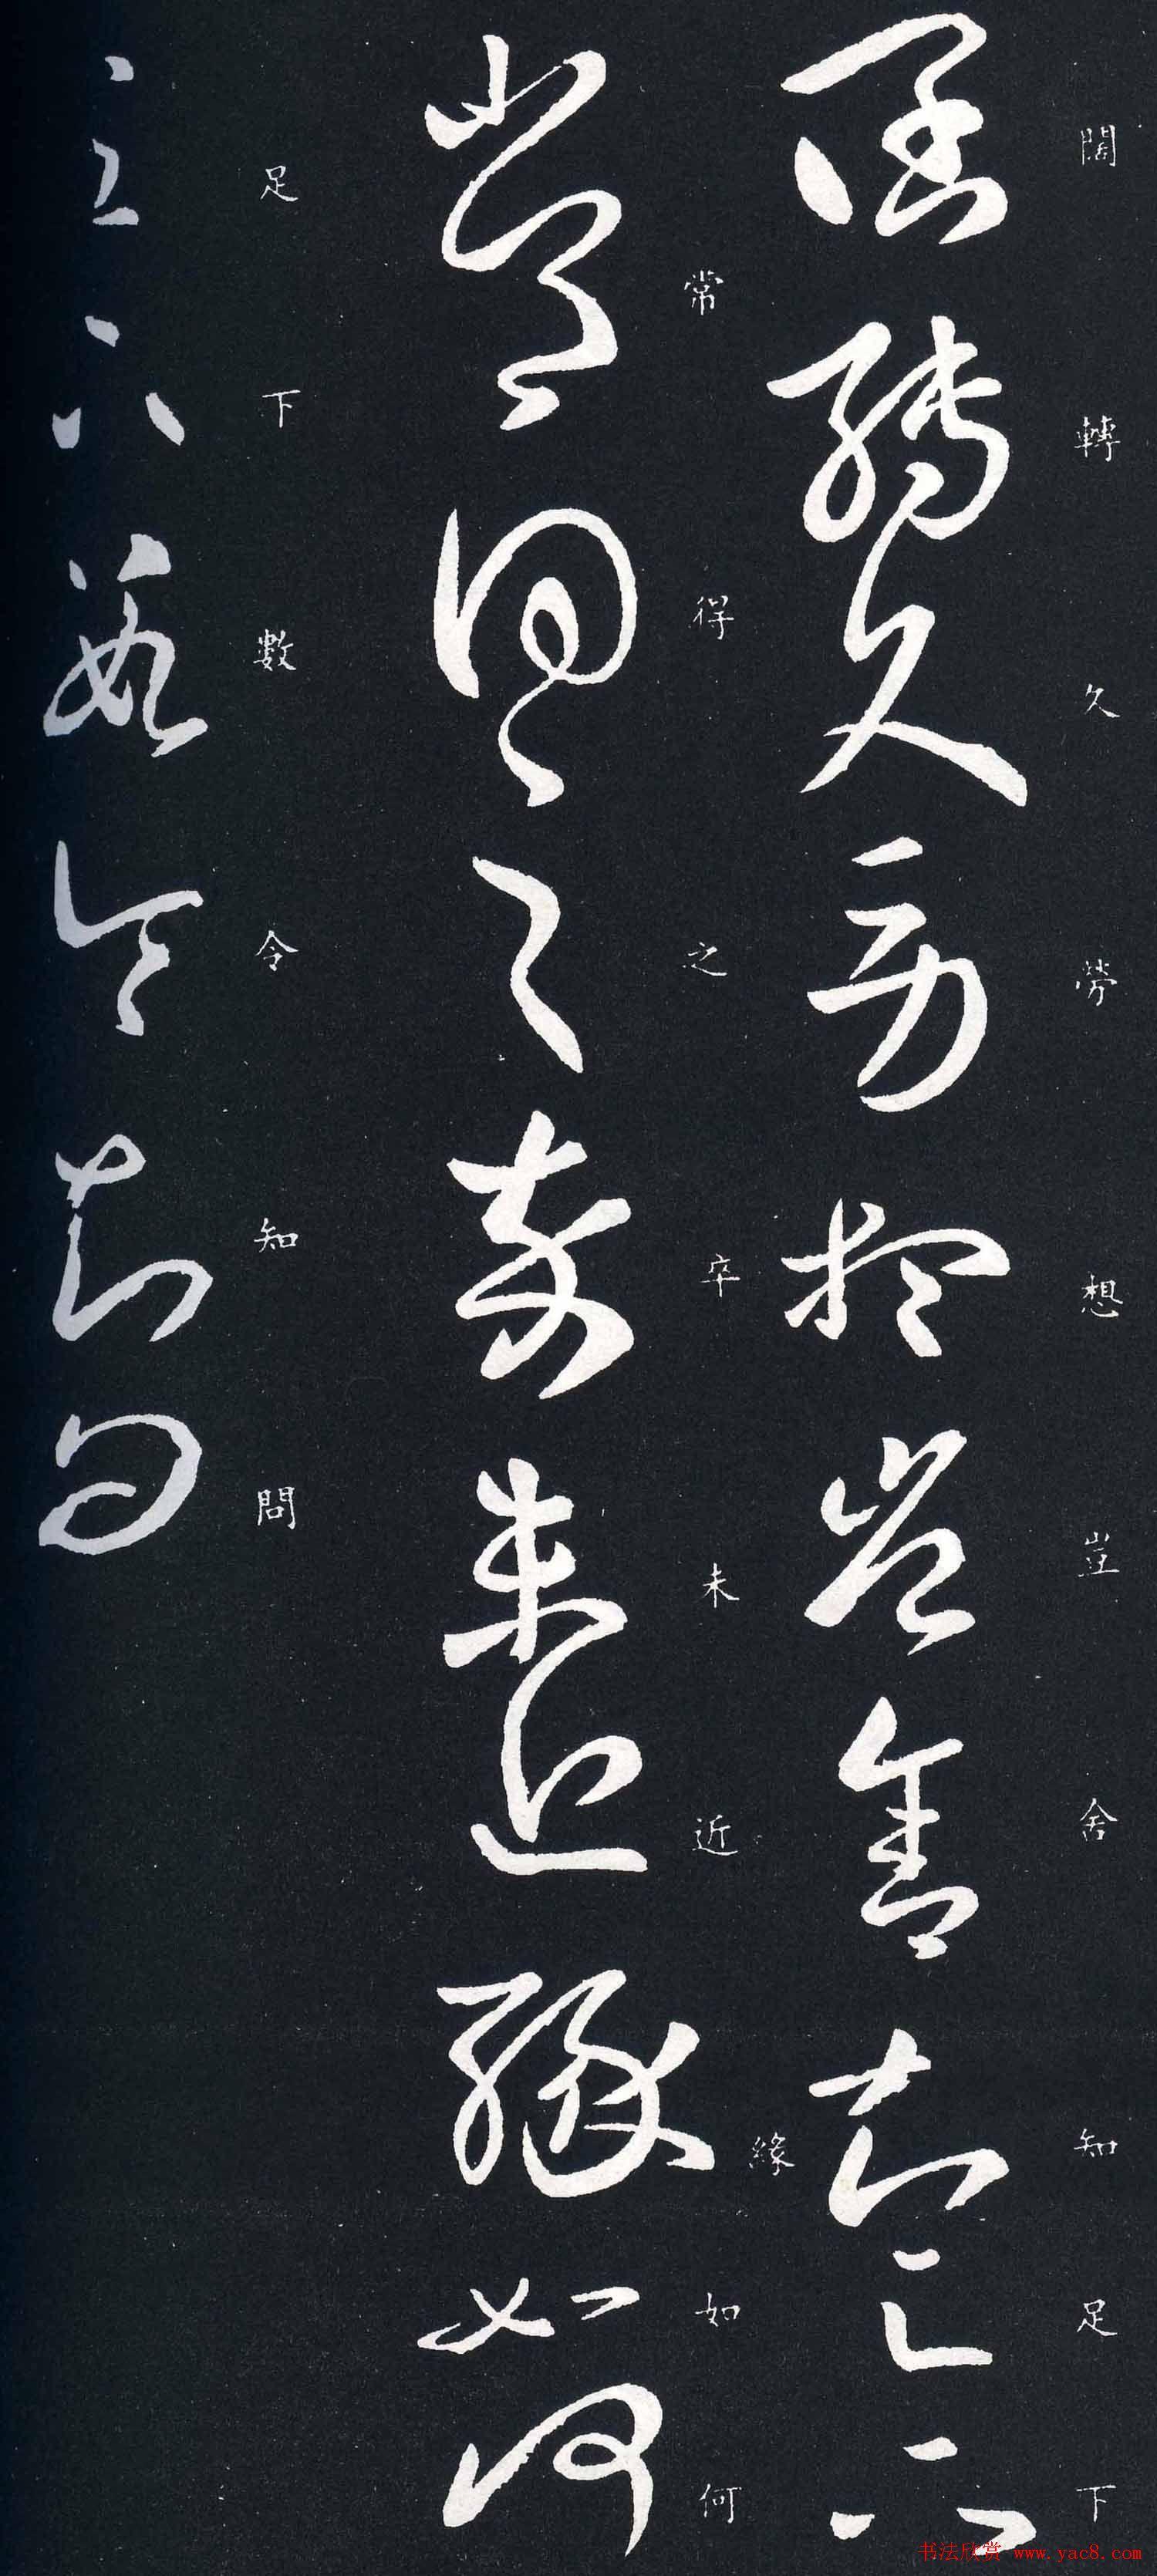 王羲之草书欣赏《阔转久帖》三种